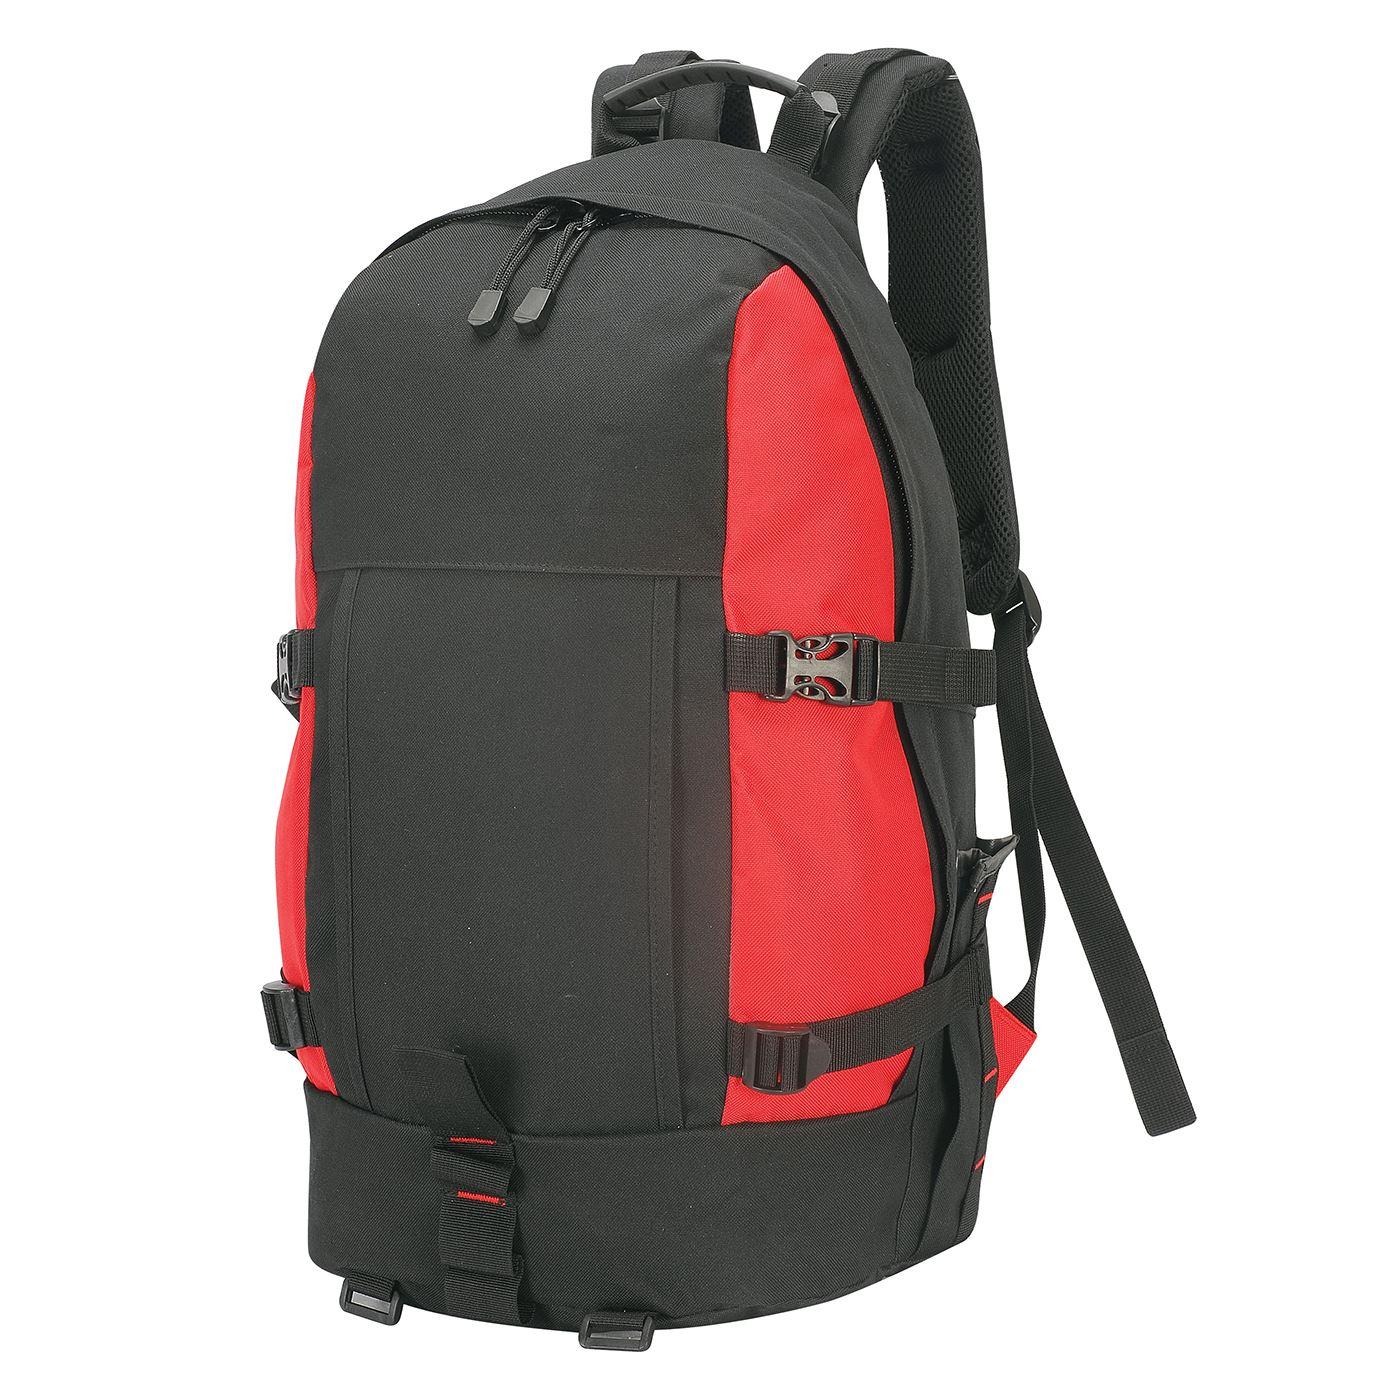 rucksack.jpeg